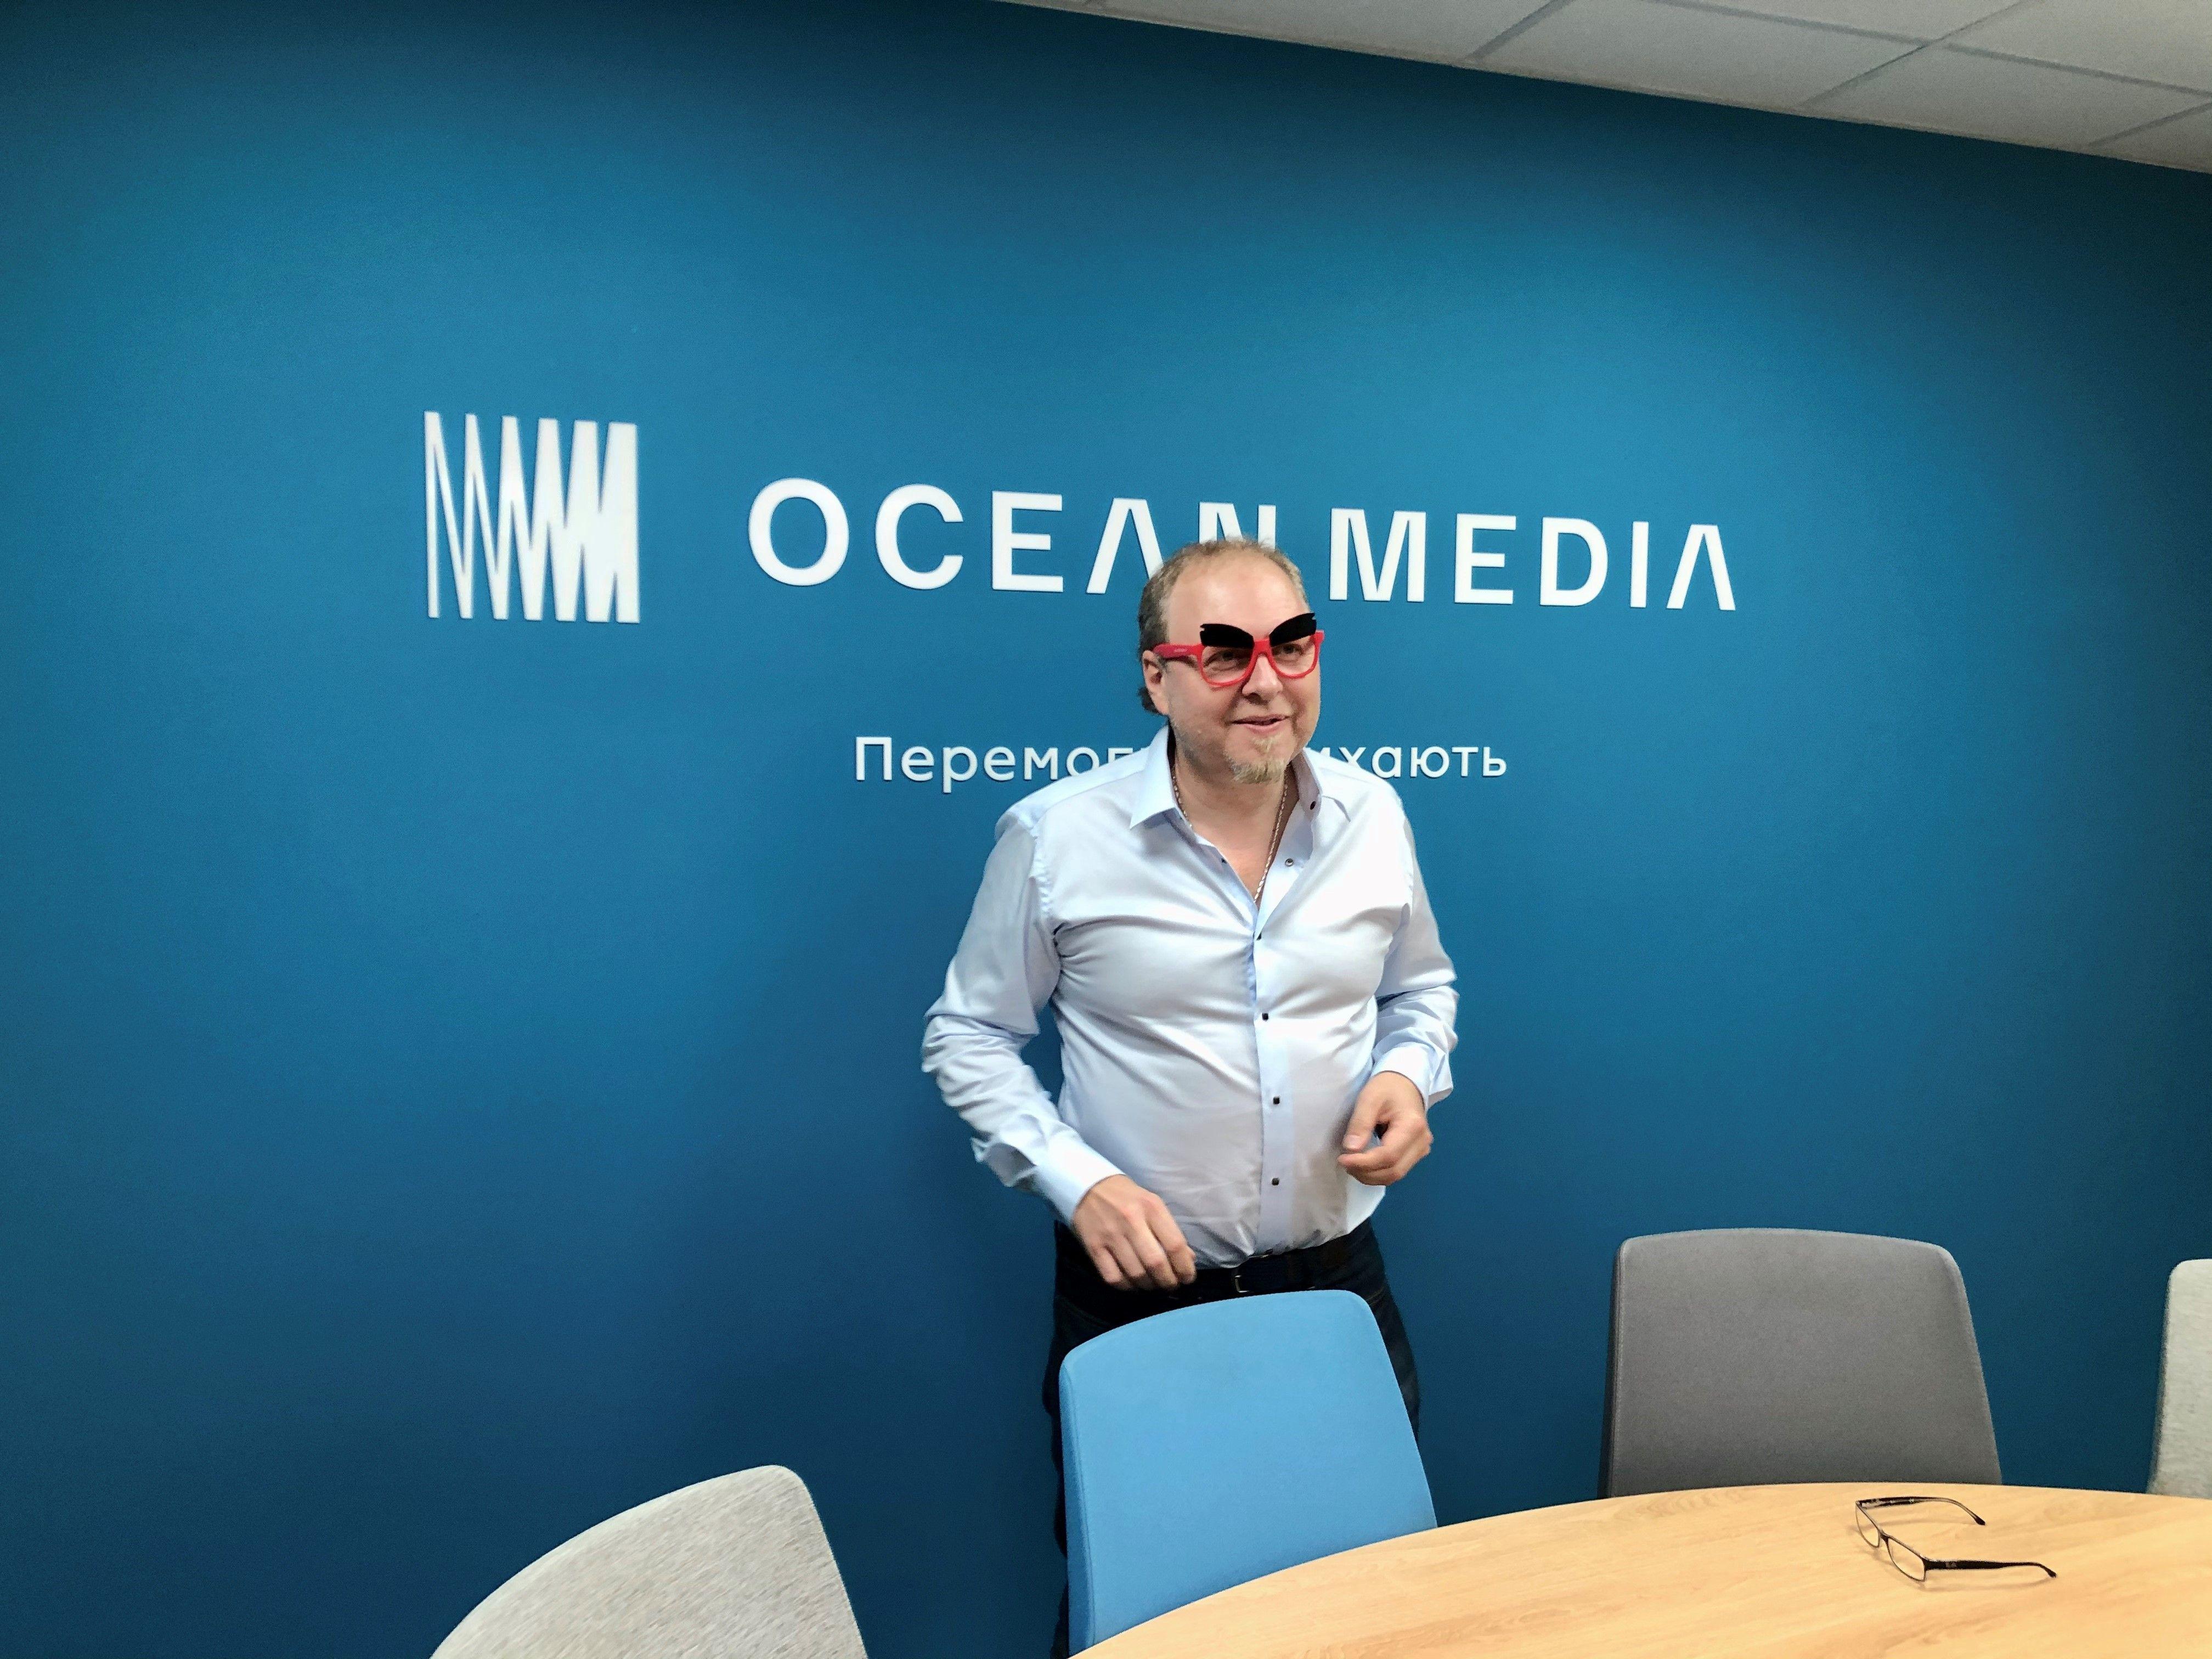 Андрій Партика, Ocean Media: 2021-й буде роком відновлення і виходу з пандемії